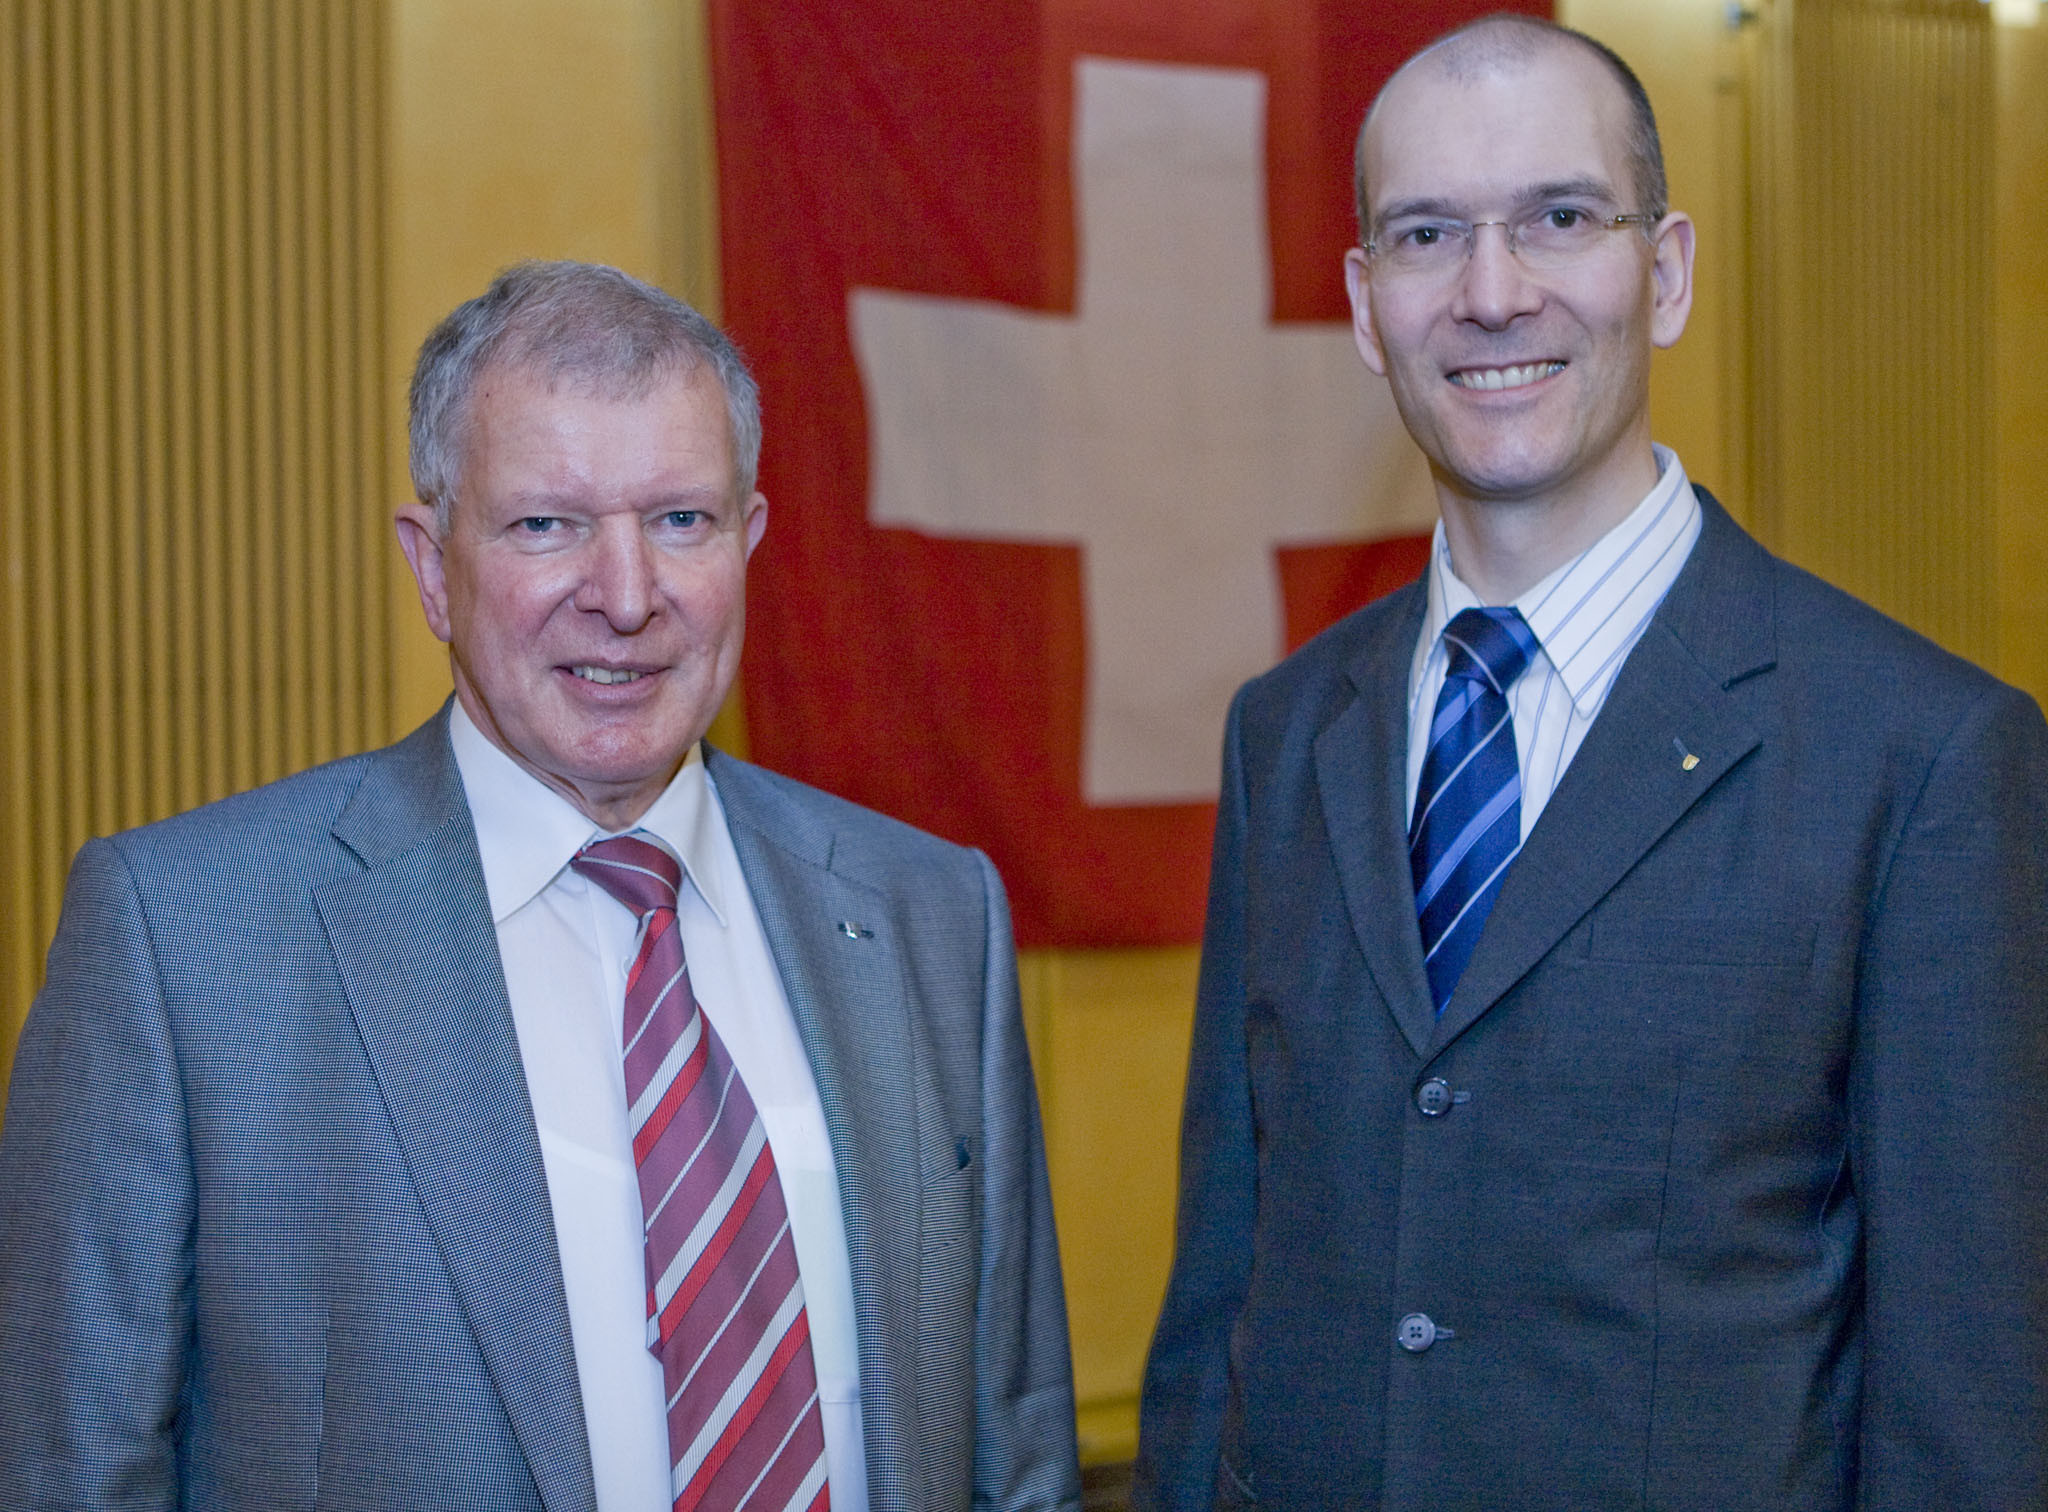 Der abtretende ehrenamtliche Geschäftsführer Henri Habegger (l.) und sein vollamtlicher Nachfolger Martin Dudle.